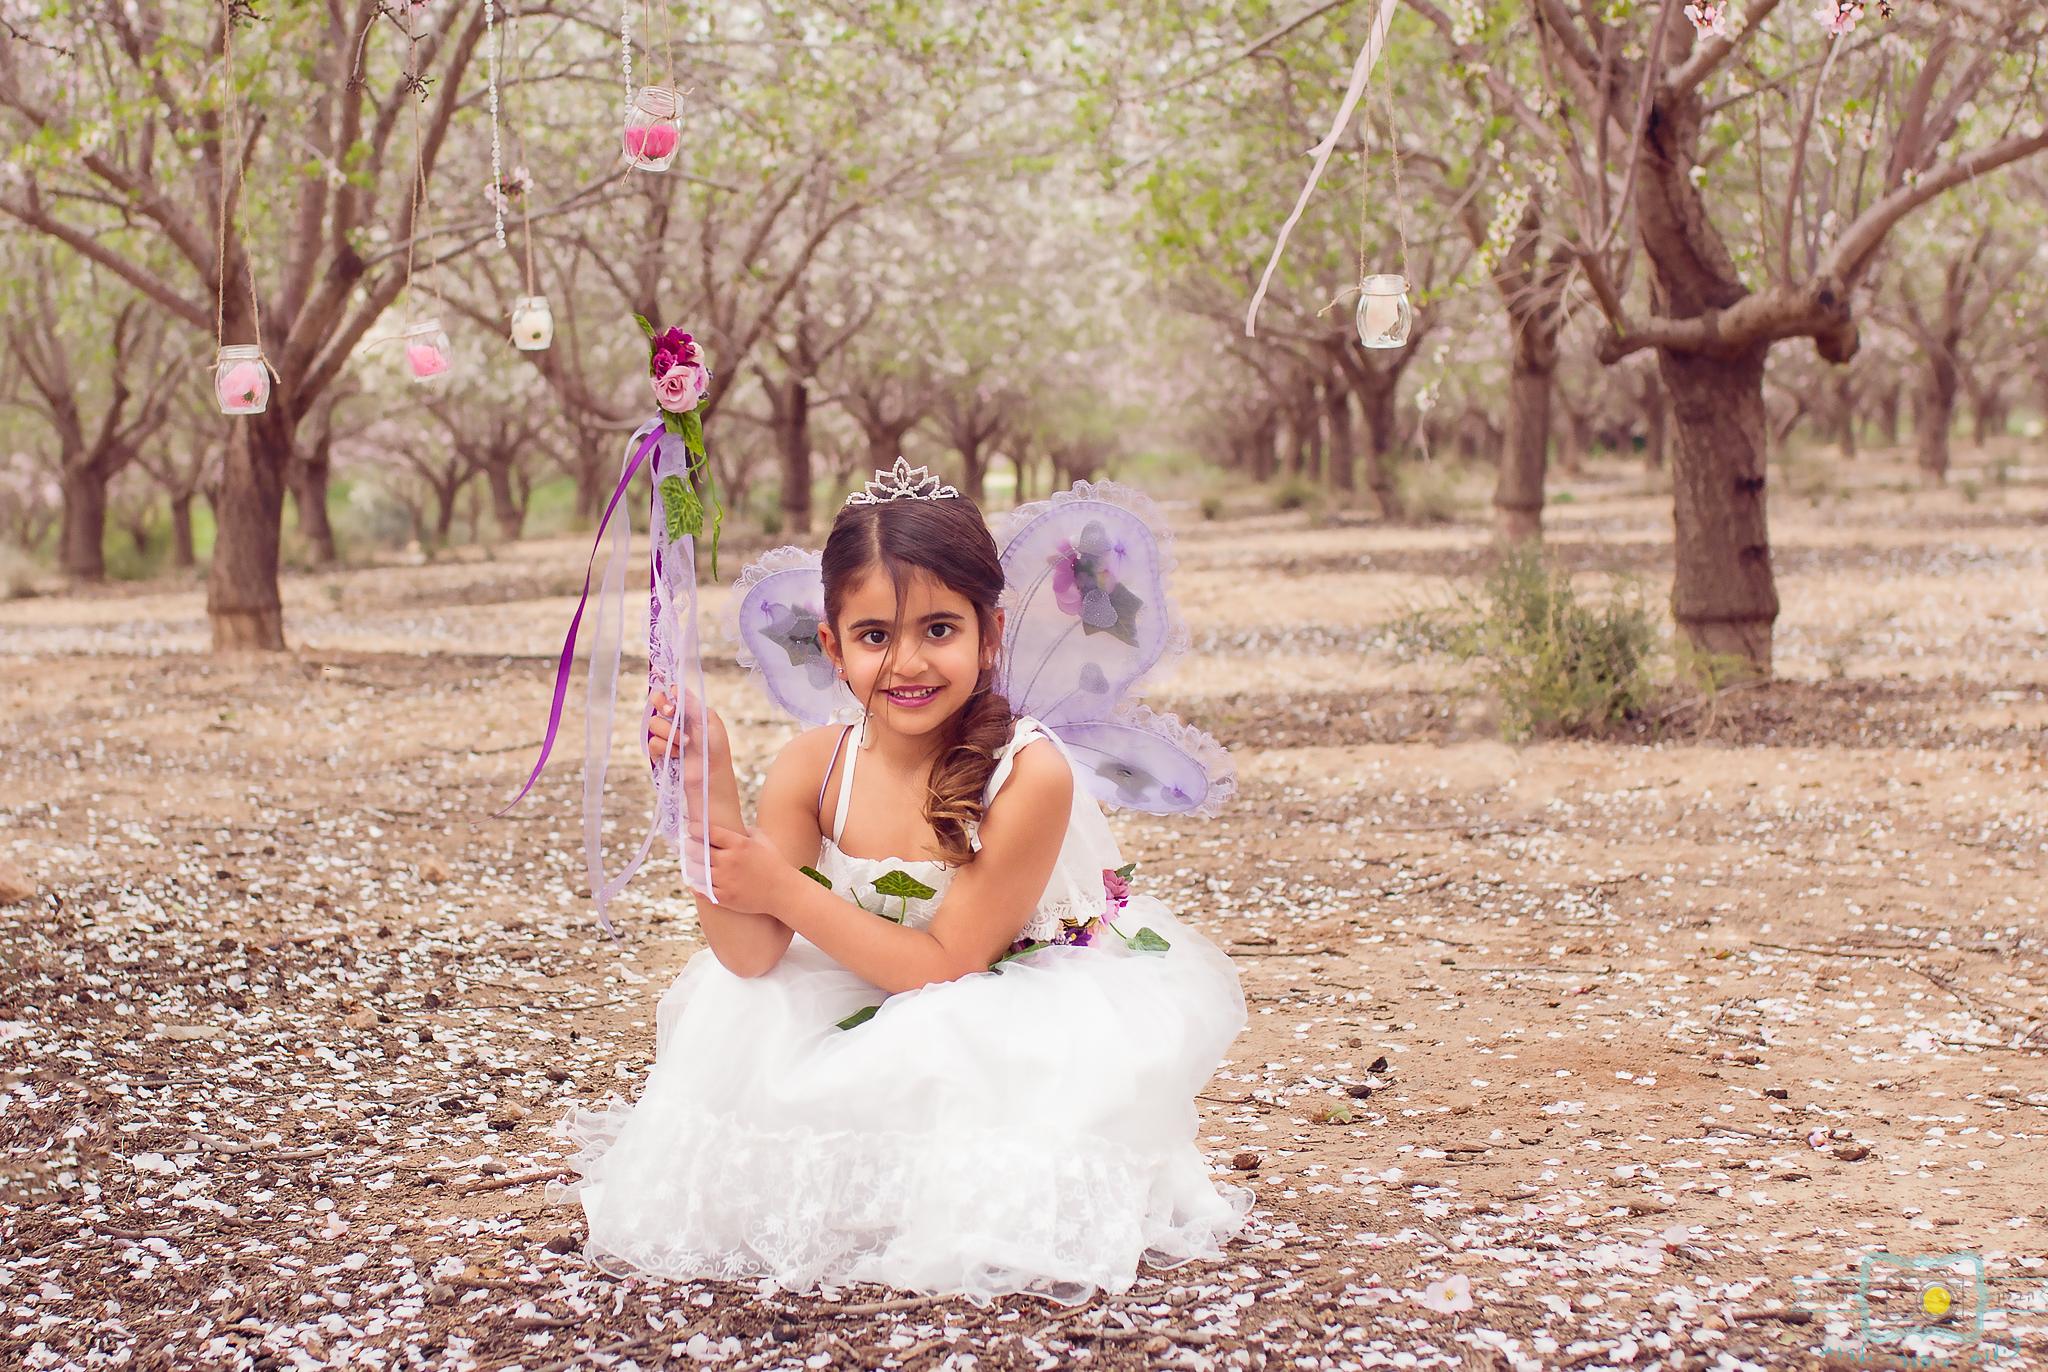 הבלון הצהוב- סטודיו לצילום ועיצוב גרפי IMG_0150-Edit פיית השקדיות- צילומי קונספט לילדים